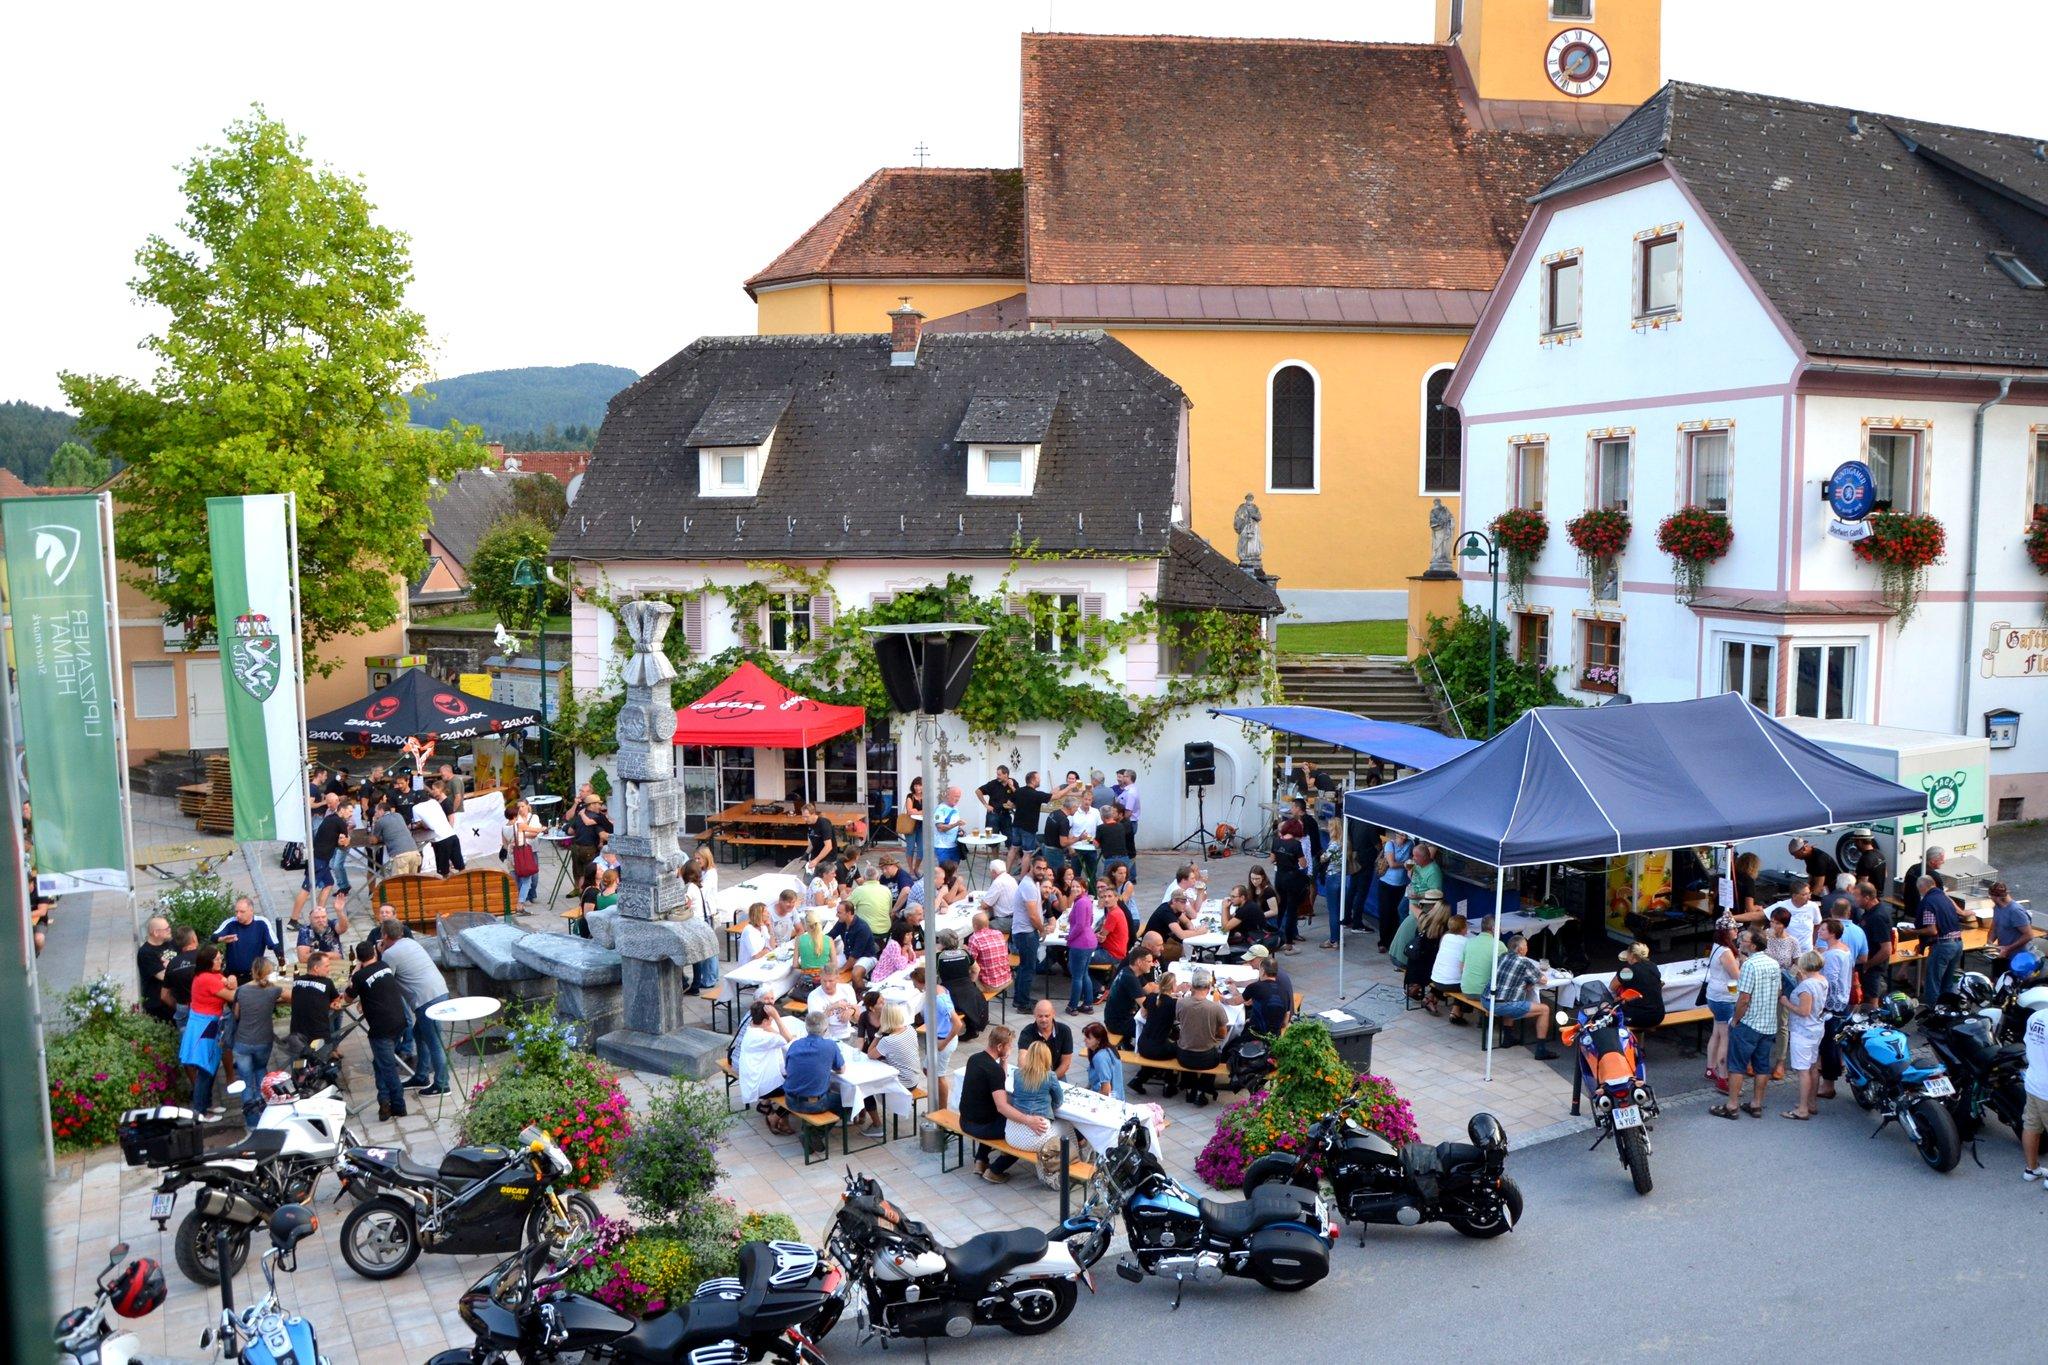 Ligister Gmiatlichkeit: Vereine beleben Marktplatz - Voitsberg